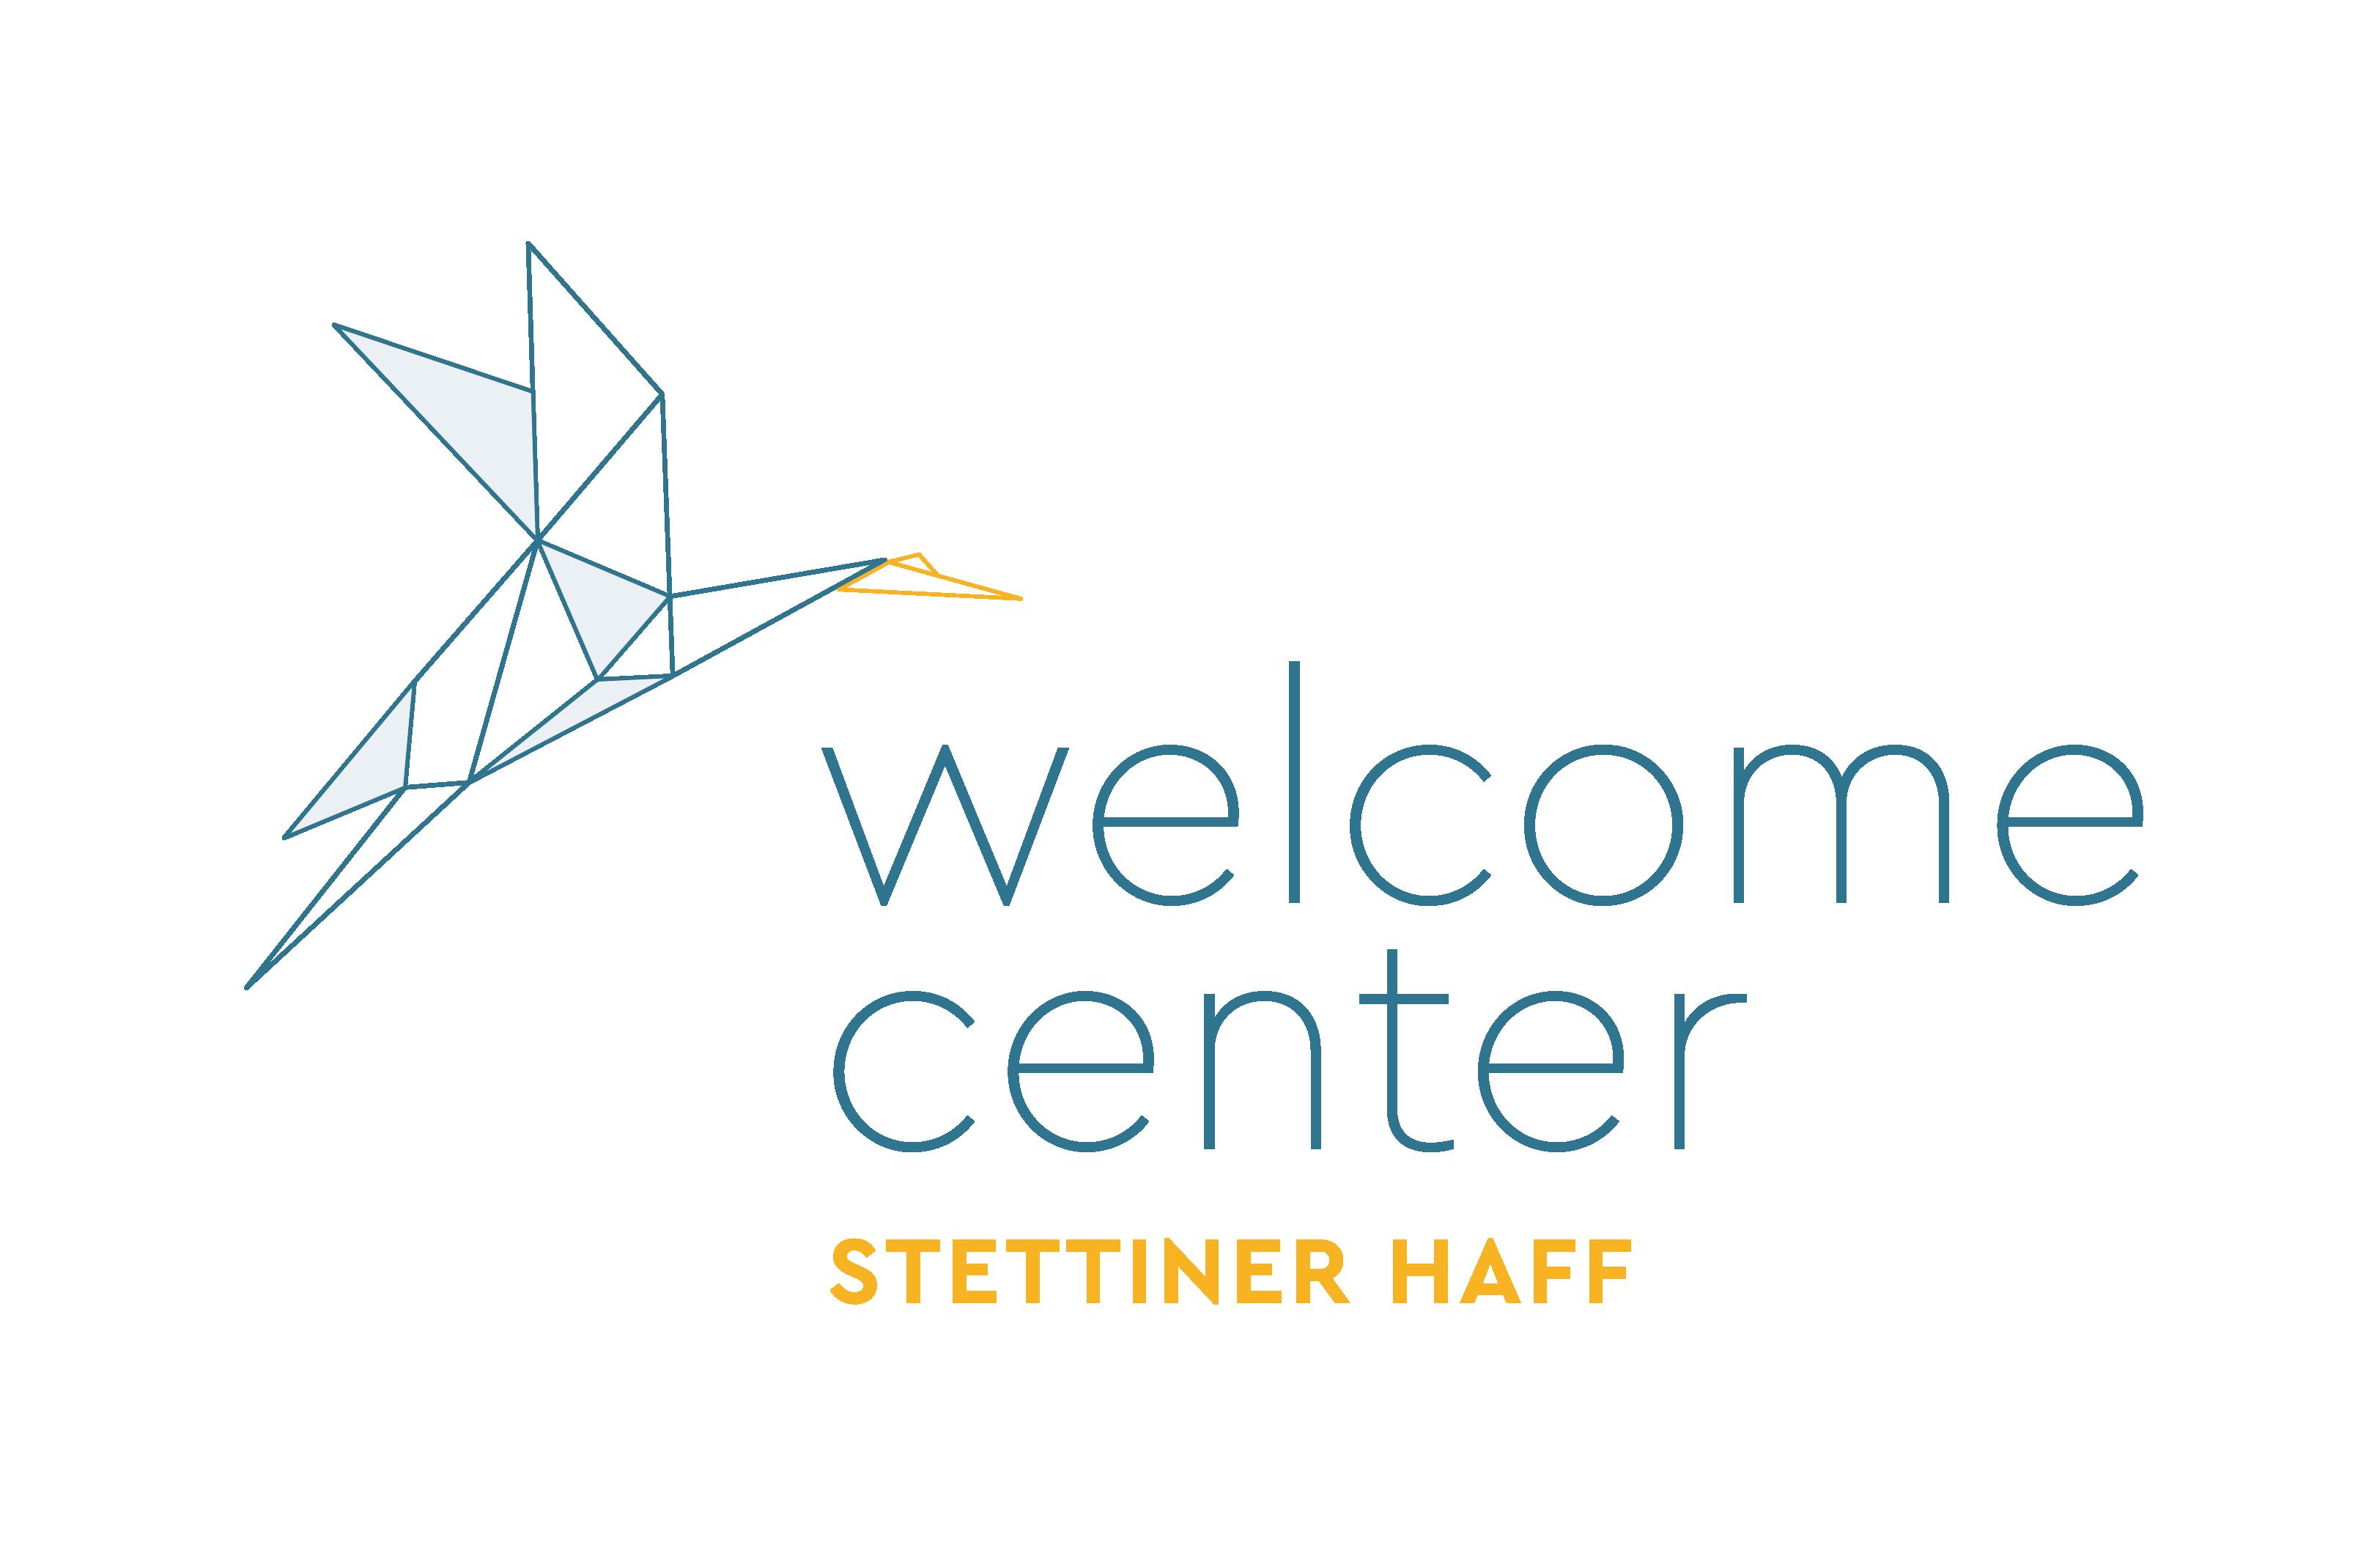 Welcome Center Region Stettiner Haff